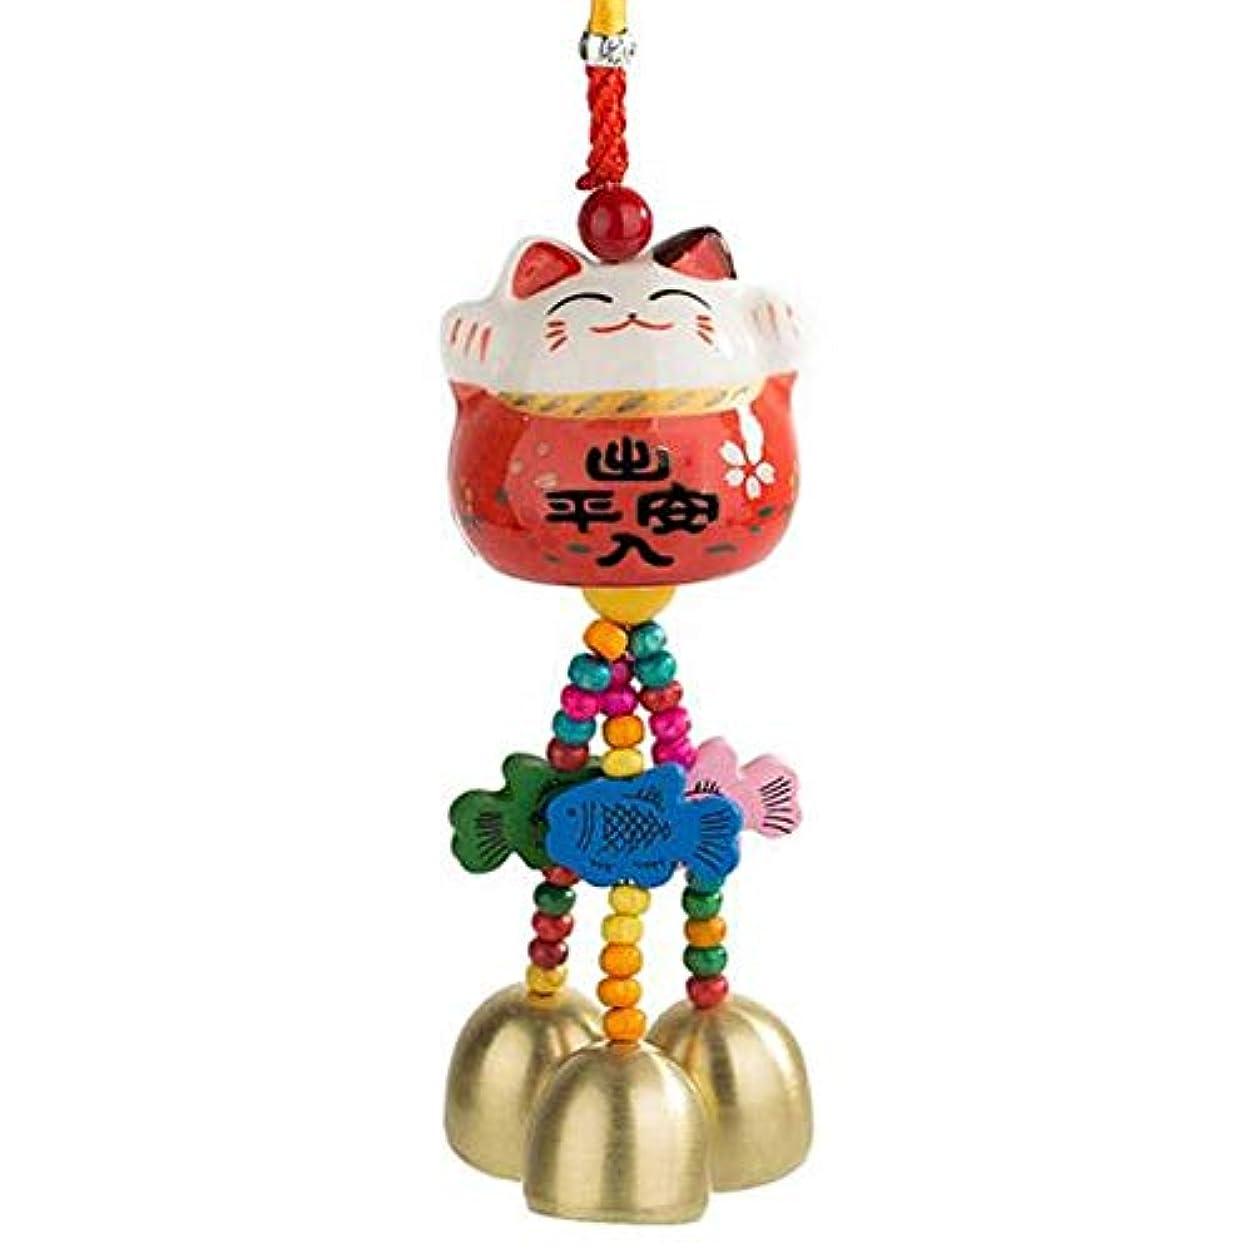 宗教トレッドシリアルChengjinxiang 風チャイム、かわいいクリエイティブセラミック猫風の鐘、ブルー、ロング28センチメートル,クリエイティブギフト (Color : Red)